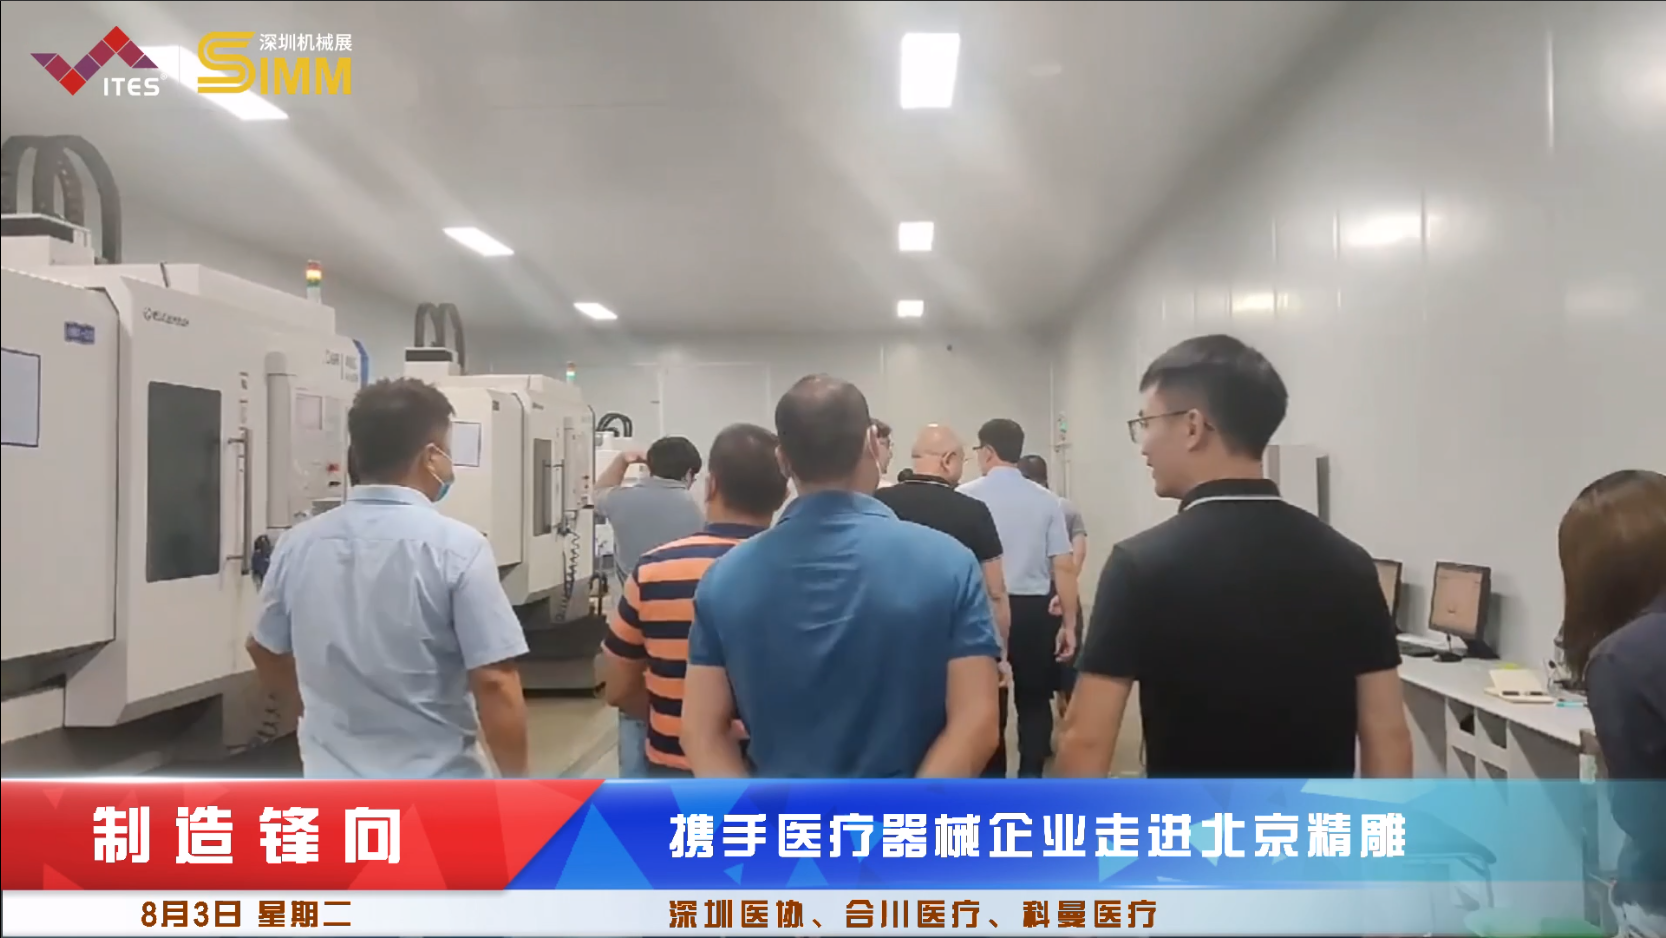 北京精雕科技集团有限公司成立于1994年,是一家专注于精密数控机床研发和制造的民营企业,首批获得认证的国家级高新技术企业,旗舰产品为精雕五轴高速加工中心。